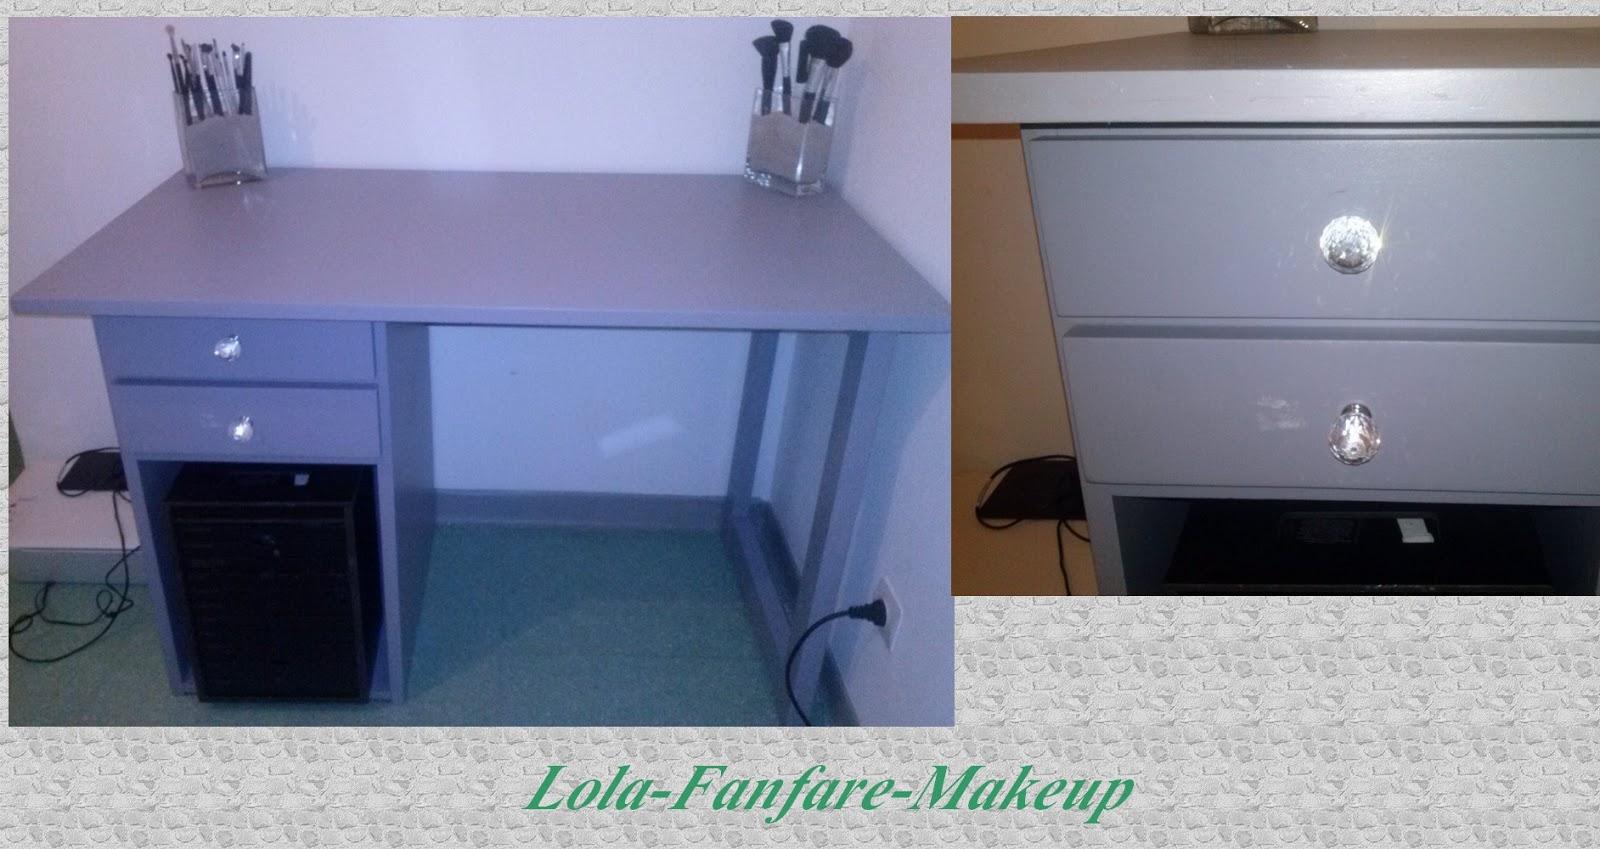 excellent juai t oblig de changer de place les tiroirs car ils taient droite sur le bureau la. Black Bedroom Furniture Sets. Home Design Ideas